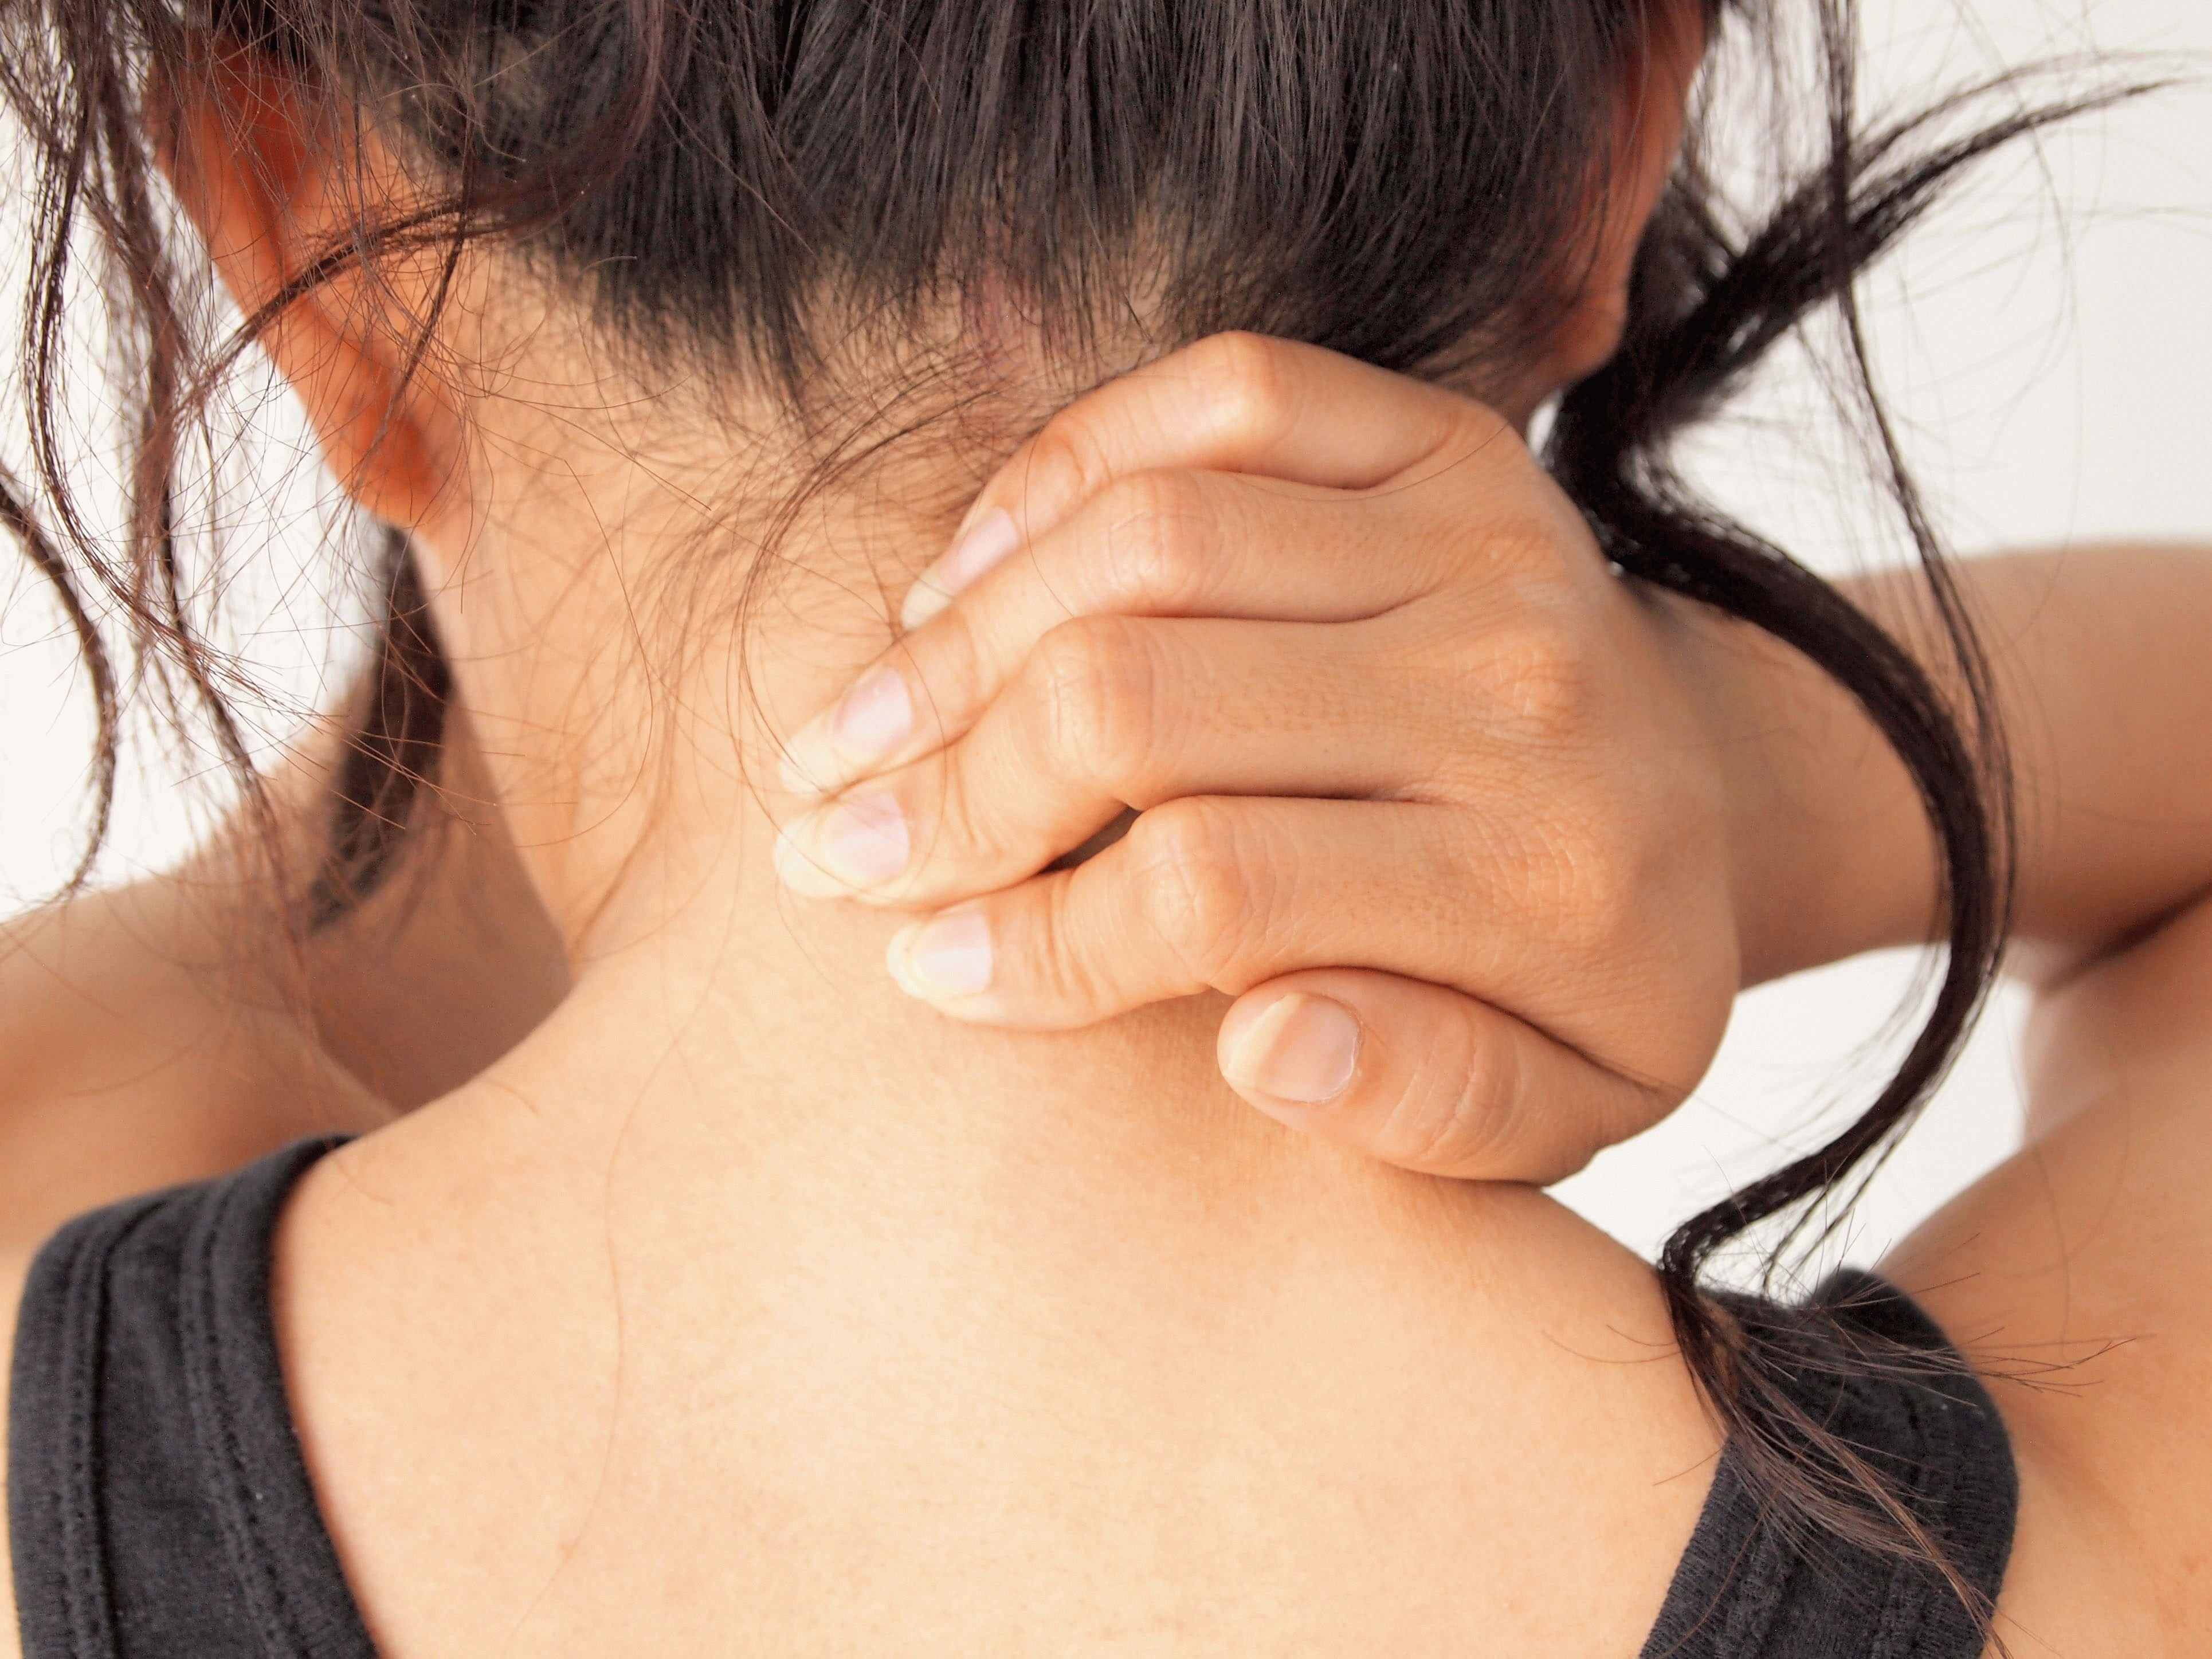 Синдром Барре-Льеу. Симптомы, диагностика и лечение